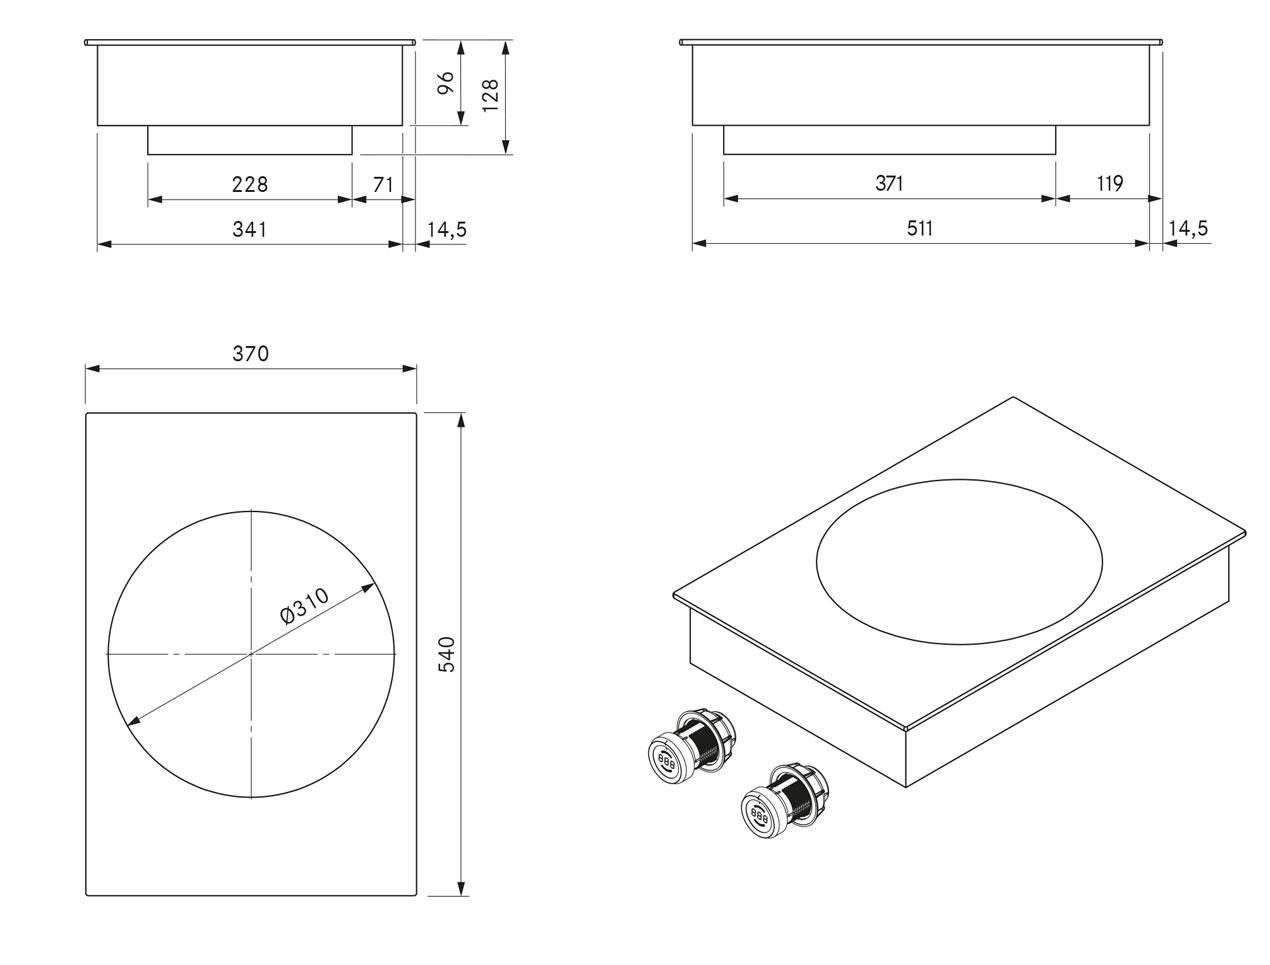 pkiw1 induktions glaskeramik wok dunstabzug center. Black Bedroom Furniture Sets. Home Design Ideas